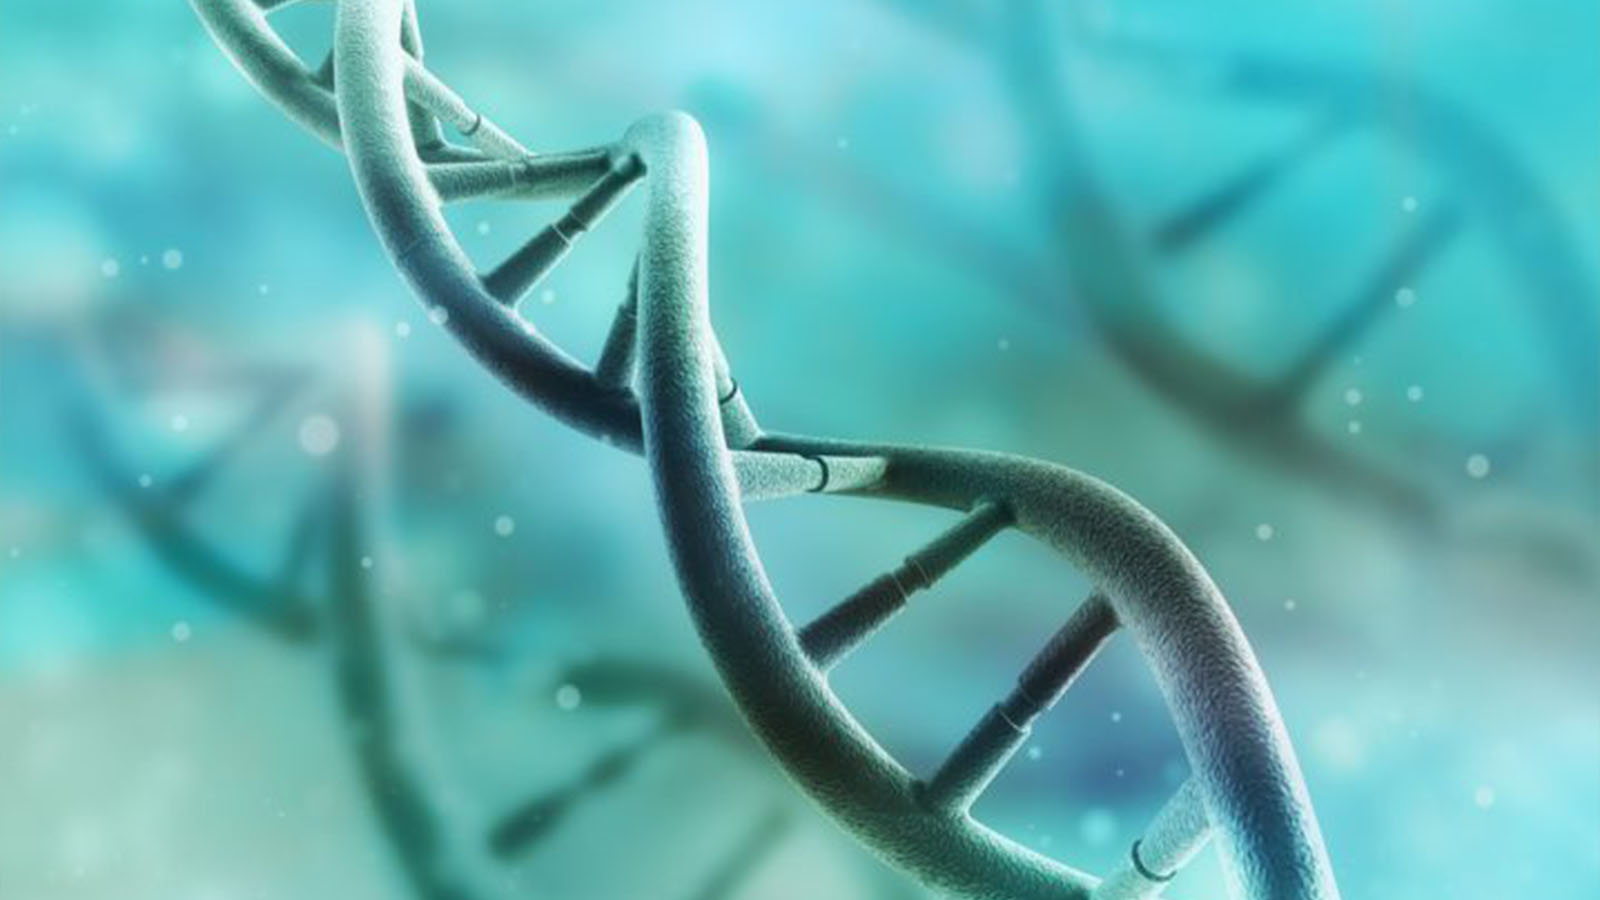 遺伝子検査ダイエットをキットで簡単に!自分の体質に合った方法で痩せよう